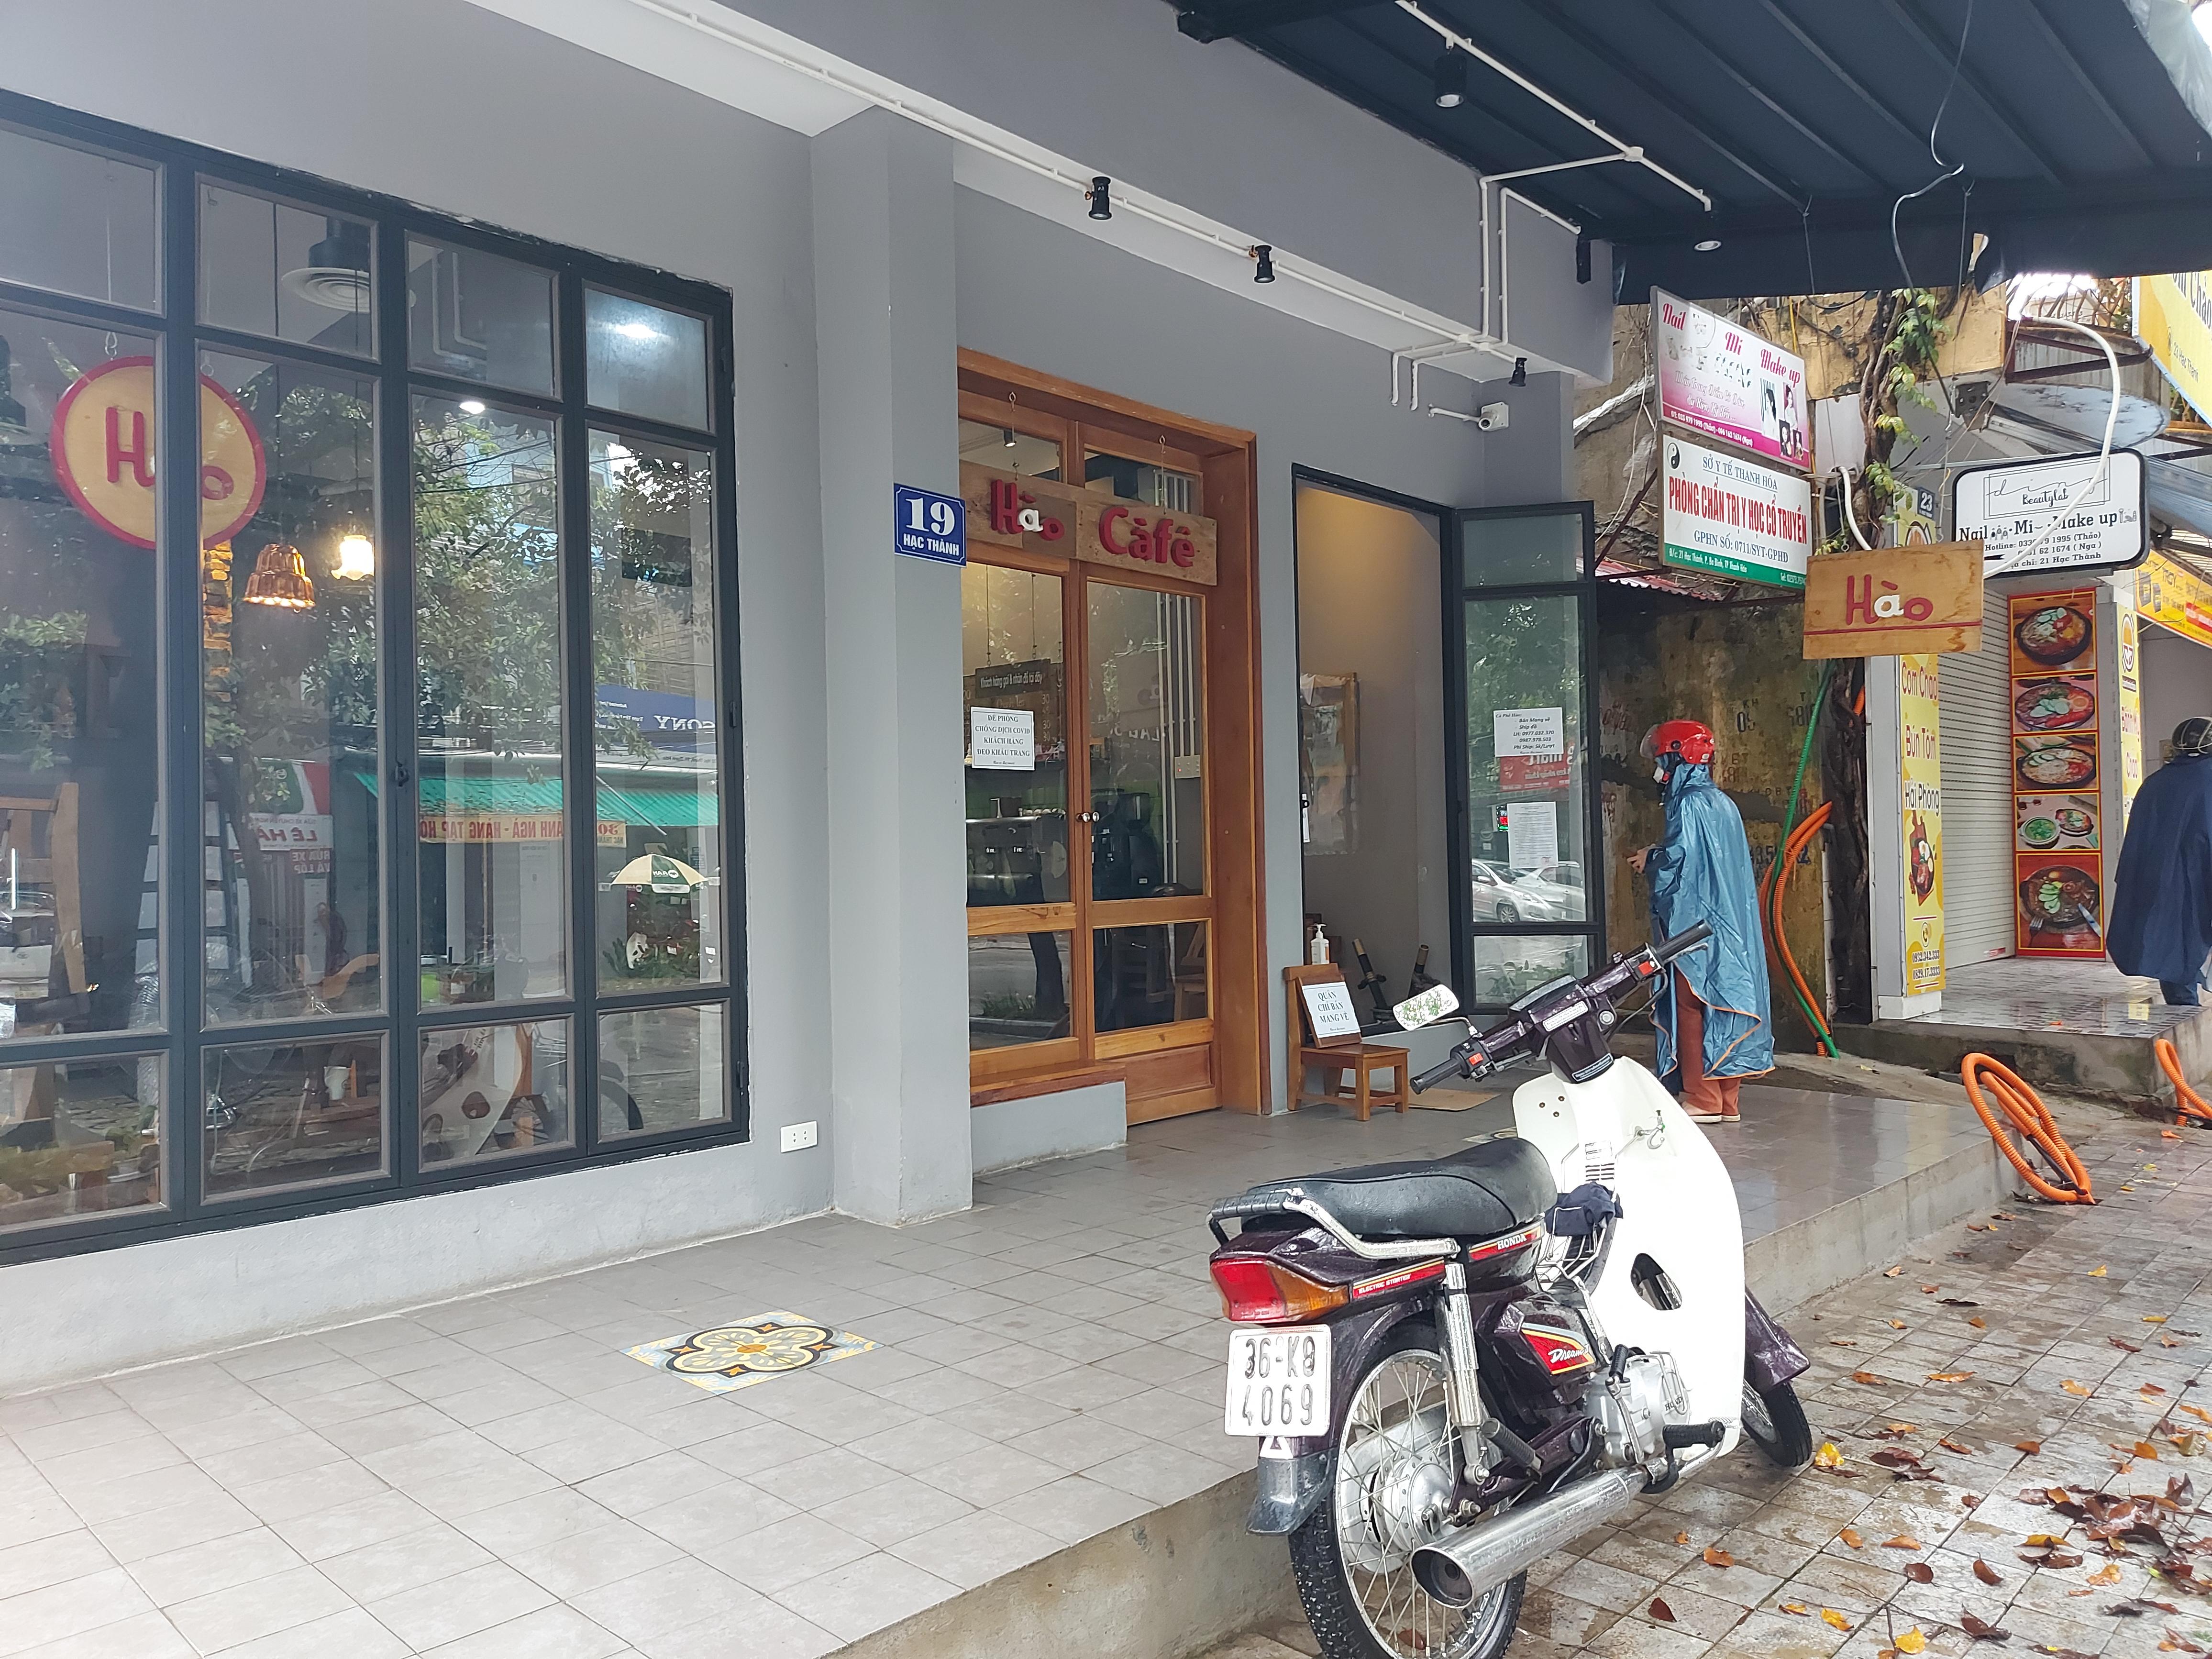 Kết thúc giãn cách xã hội, quán cafe, đồ uống trên địa bàn Thanh Hóa mở cửa trở lại và thực hiện nghiêm túc quy định về phòng chống dịch Covid-19, chỉ bán cho khách mang về.